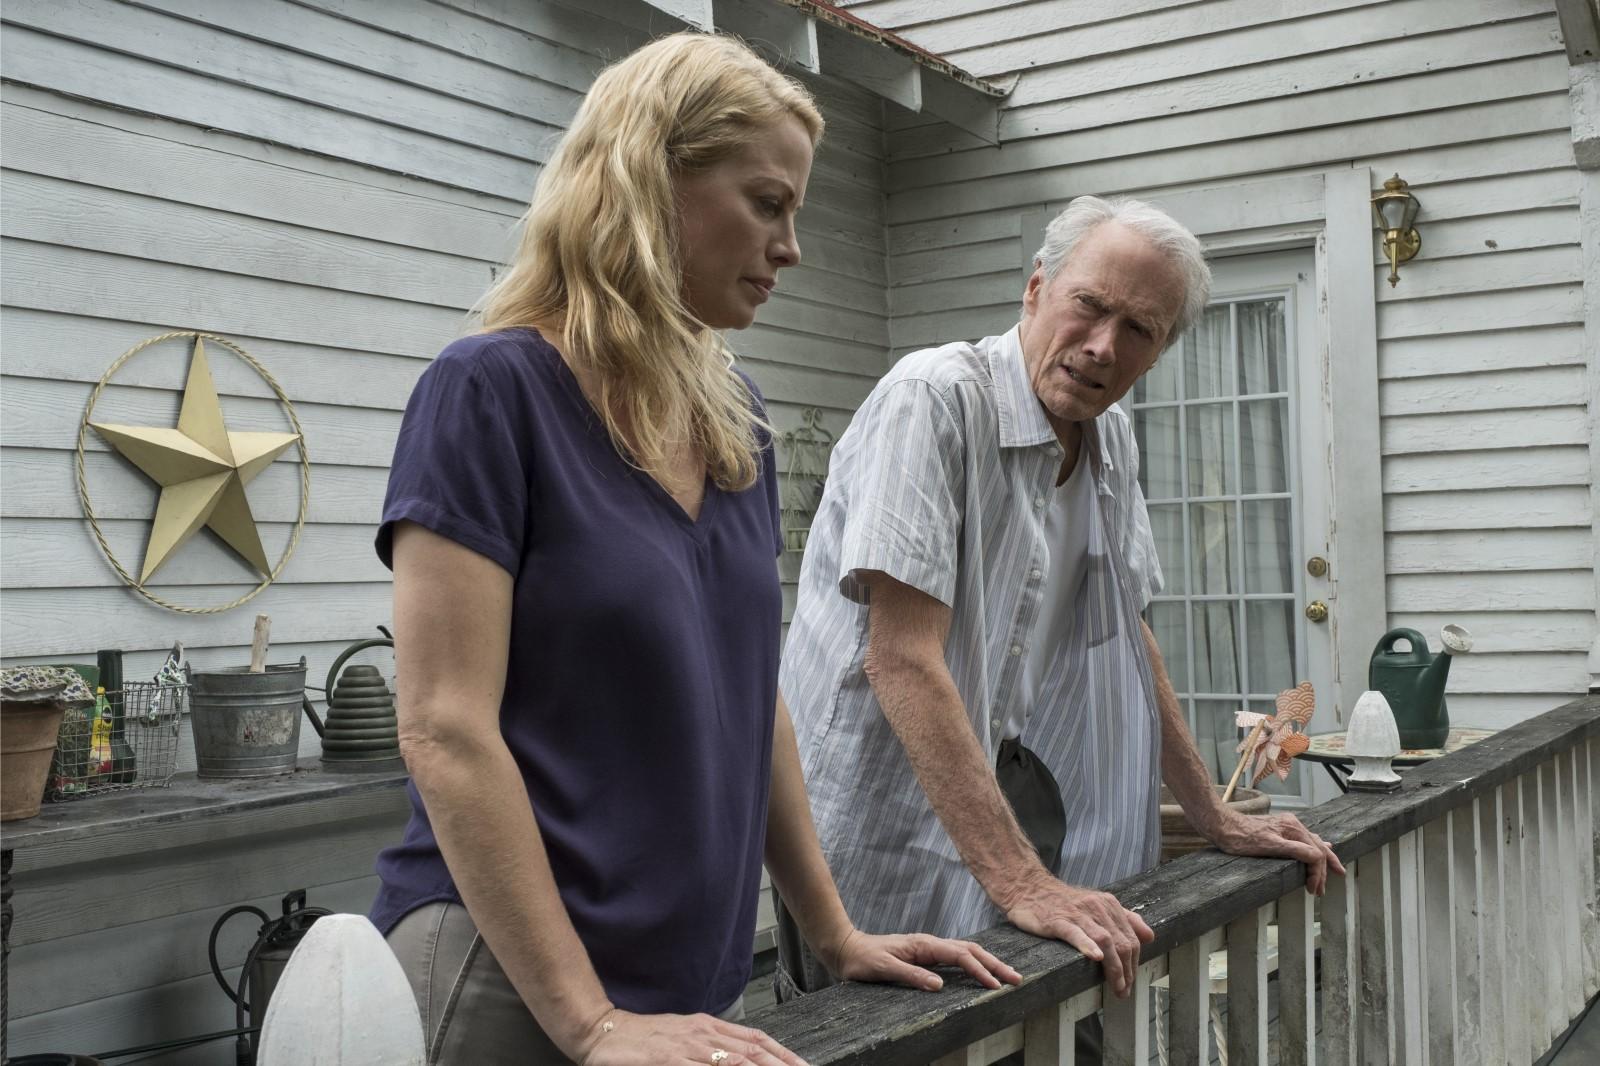 La Mule photo film critique avis Alison Eastwood, Clint Eastwood